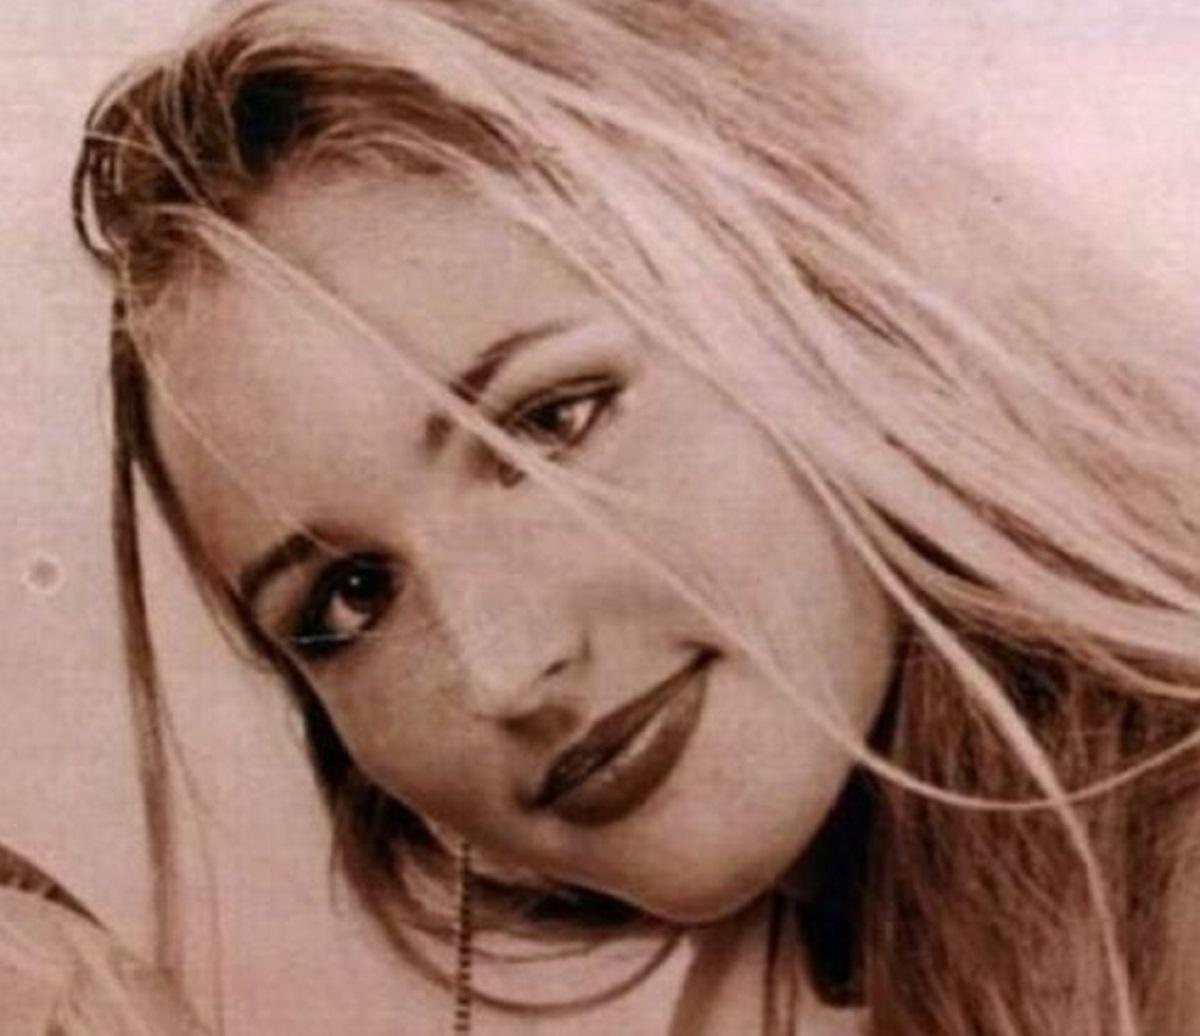 Chiara Squaglia foto passato 19 anni inviata Striscia la Notizia